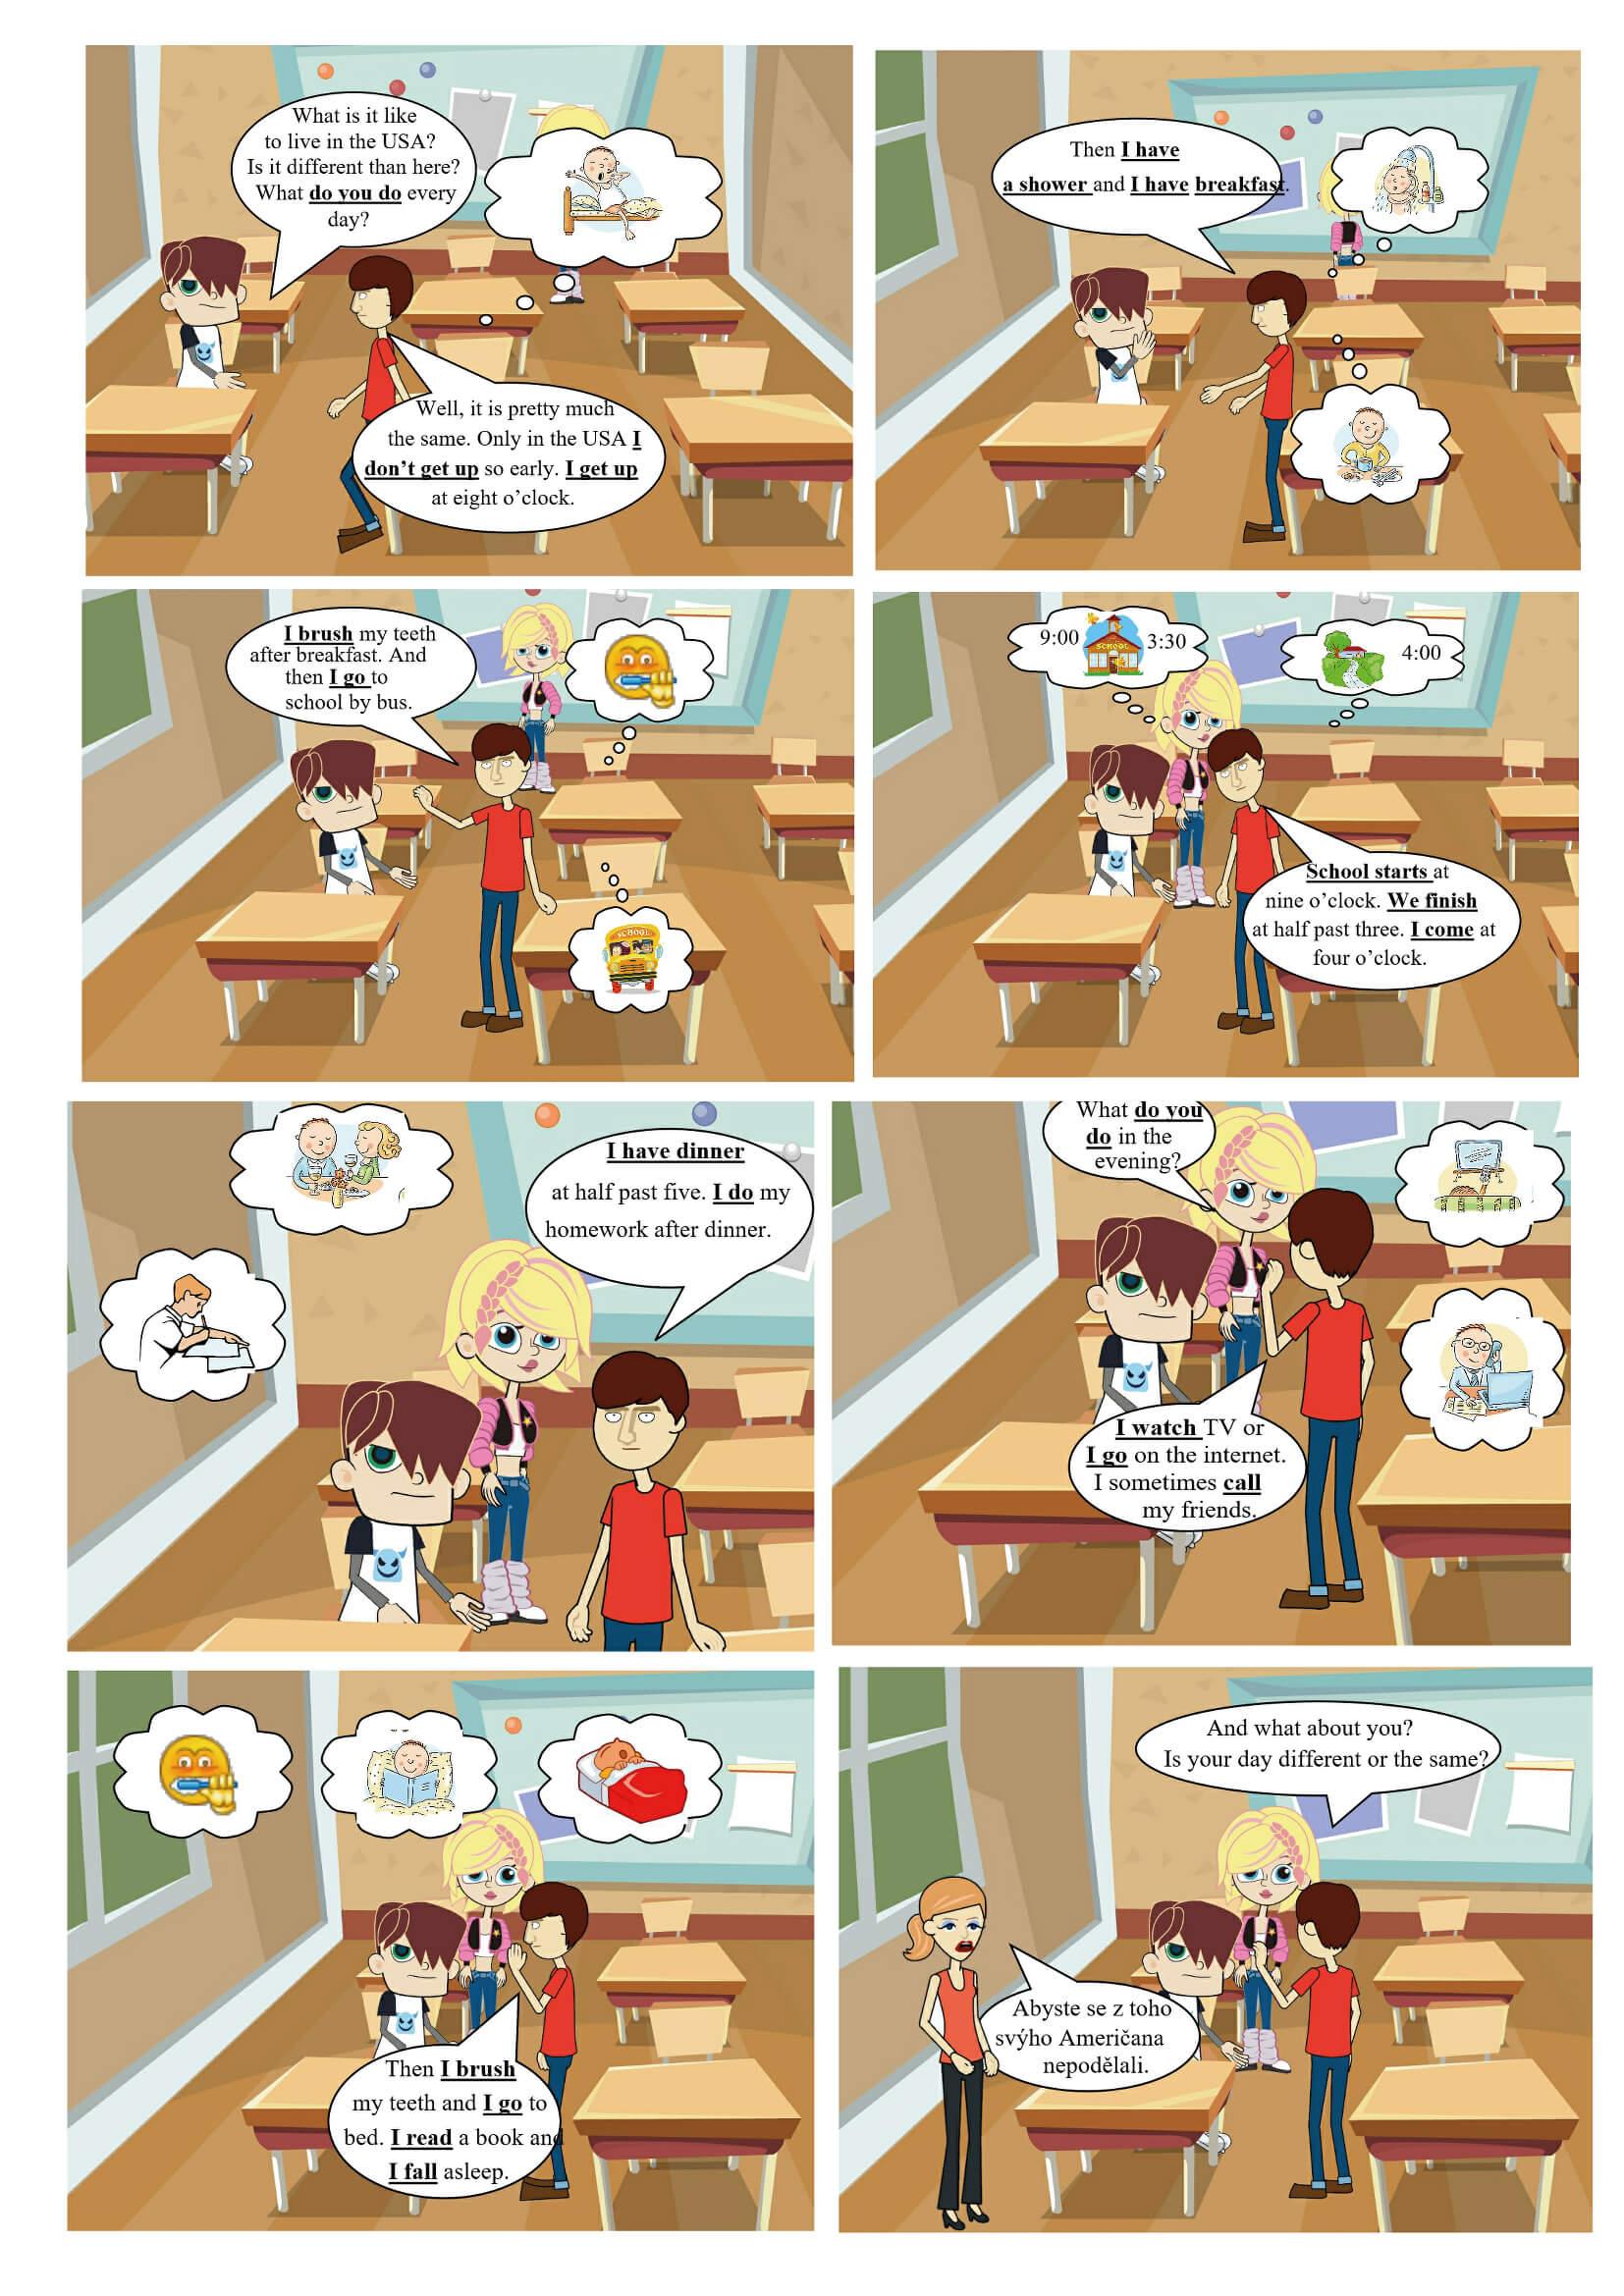 Present simple tense comics full